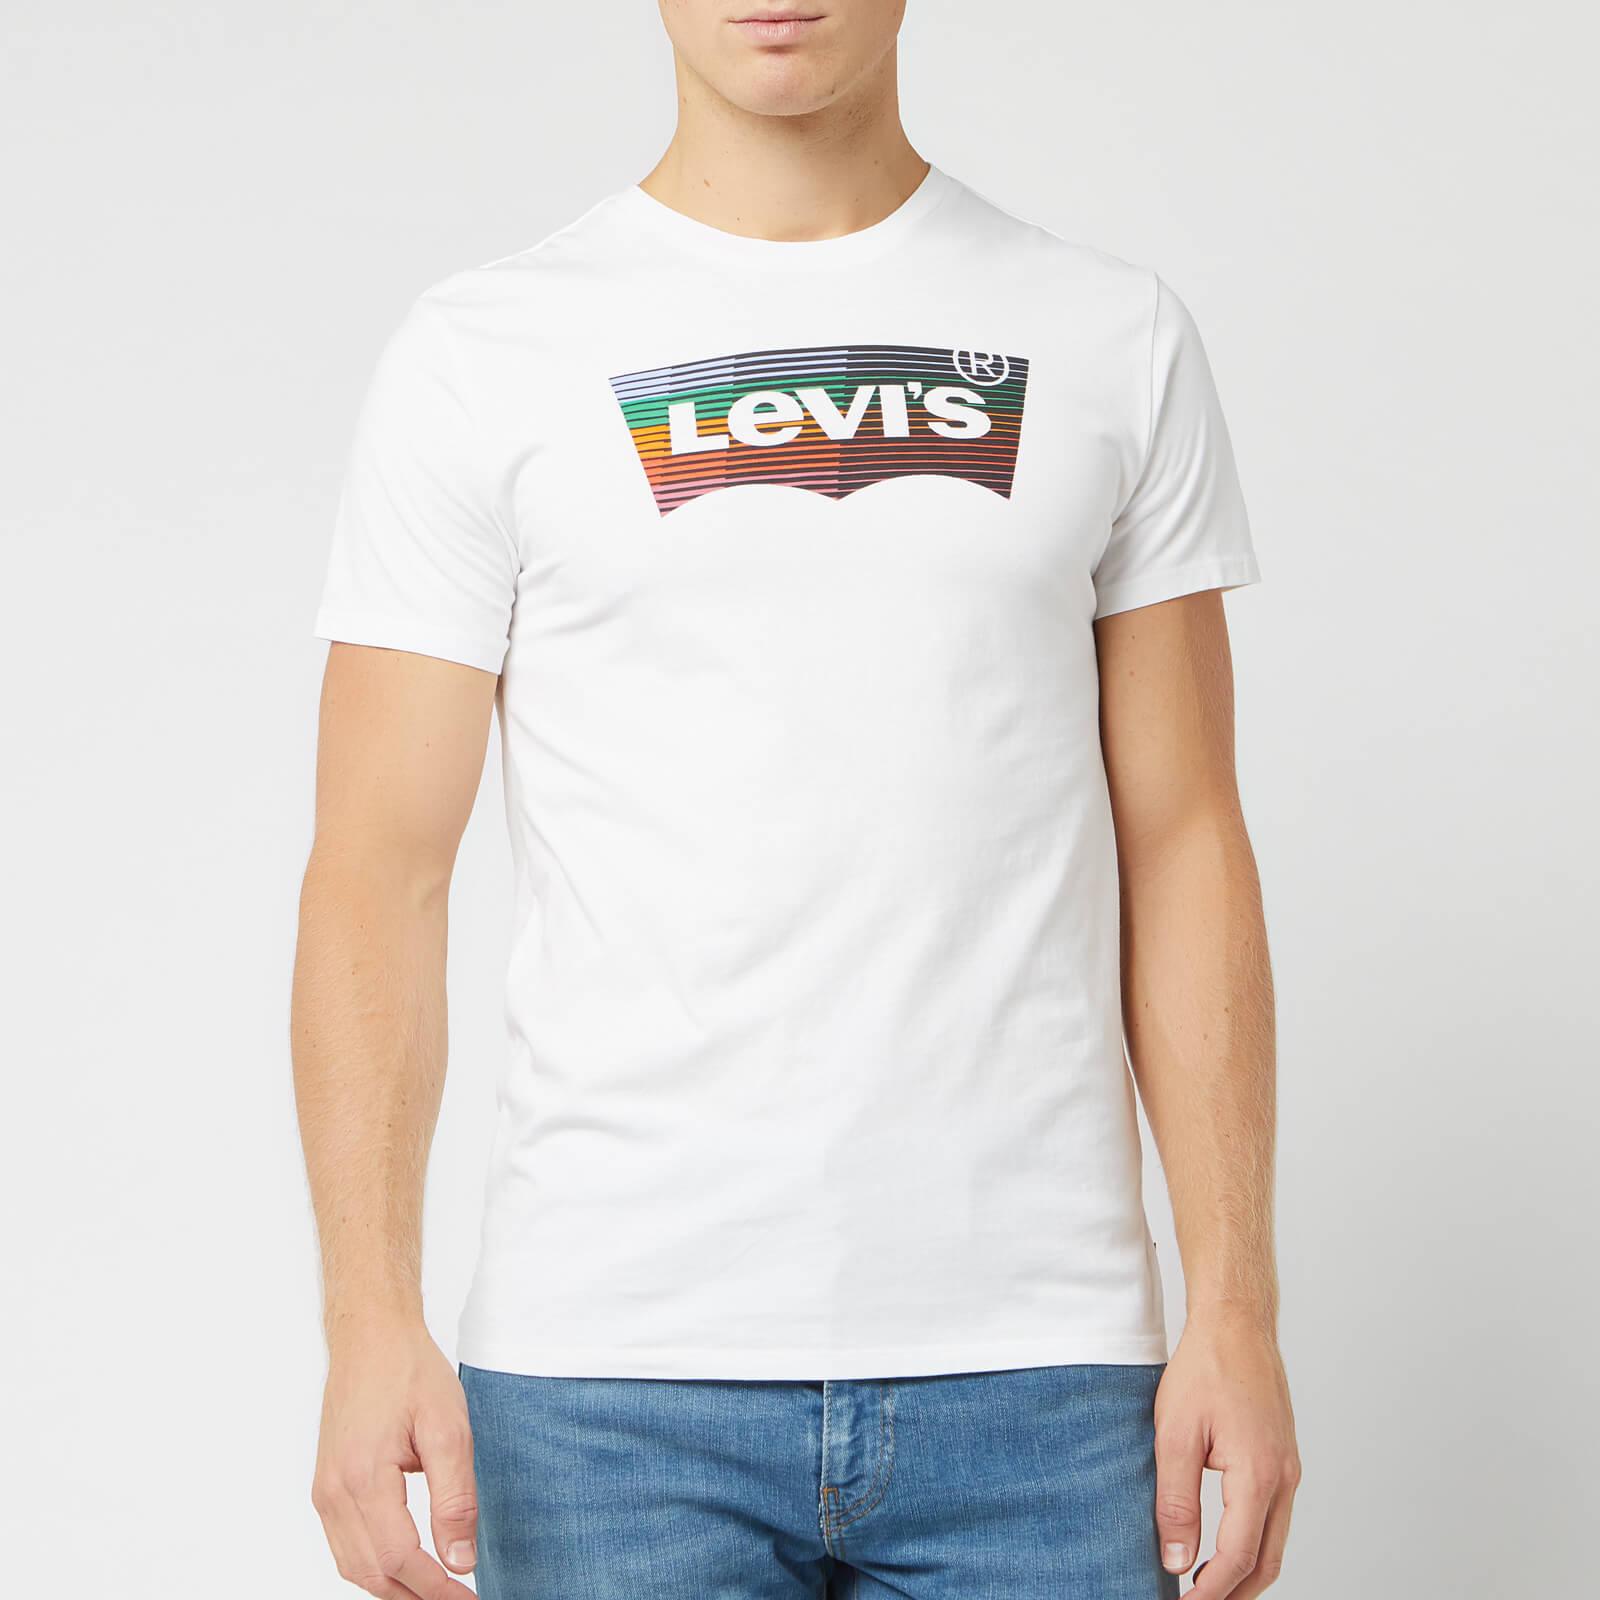 Levi's s Housemark Graphic T-Shirt - White - XL - White